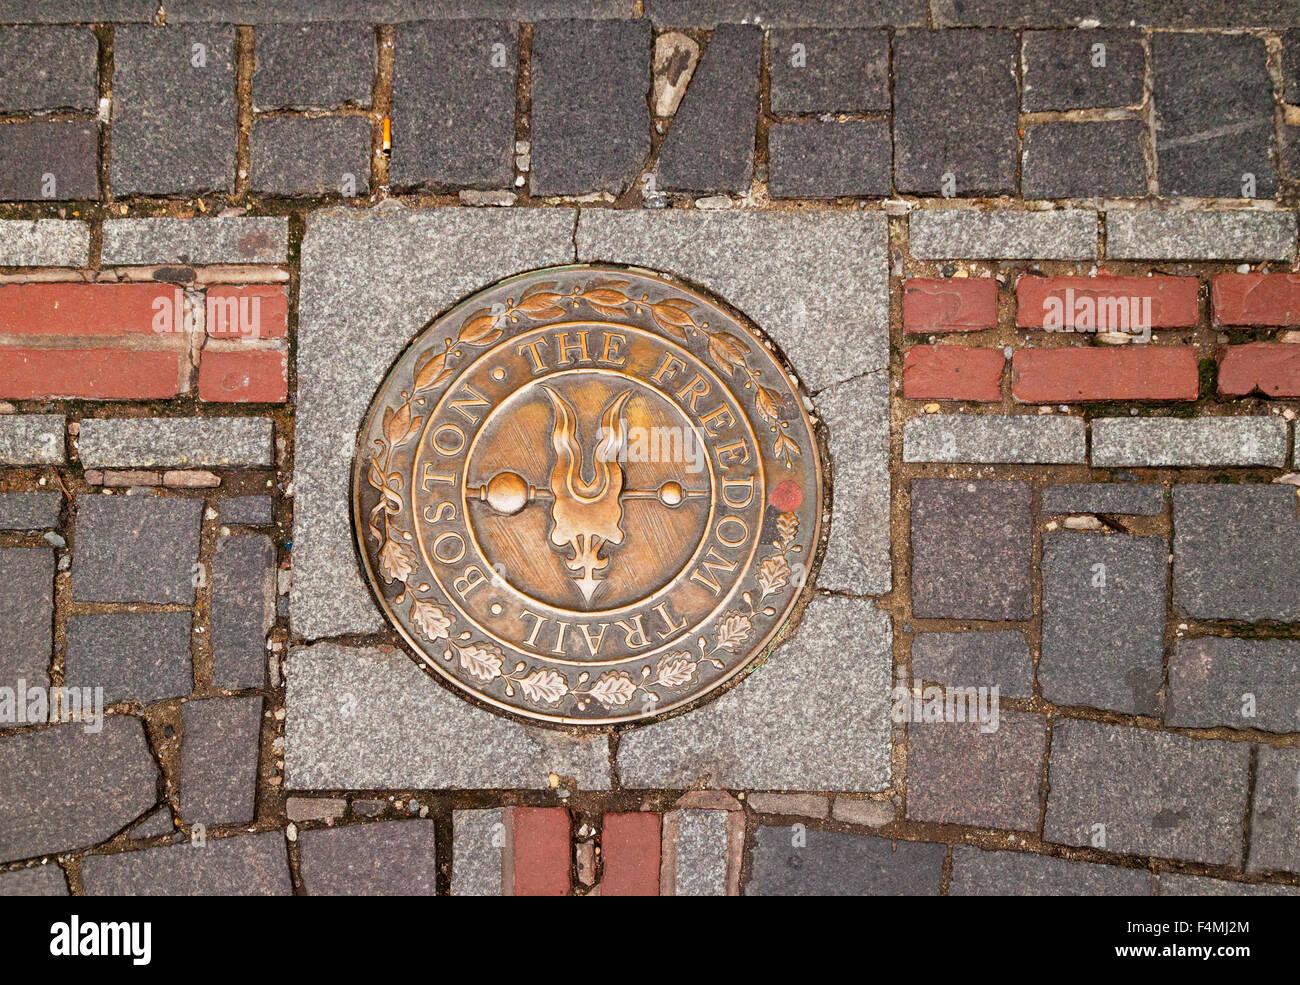 Símbolo de la Freedom Trail de Boston camina por la acera, de Boston, Massachusetts, EE.UU. Imagen De Stock